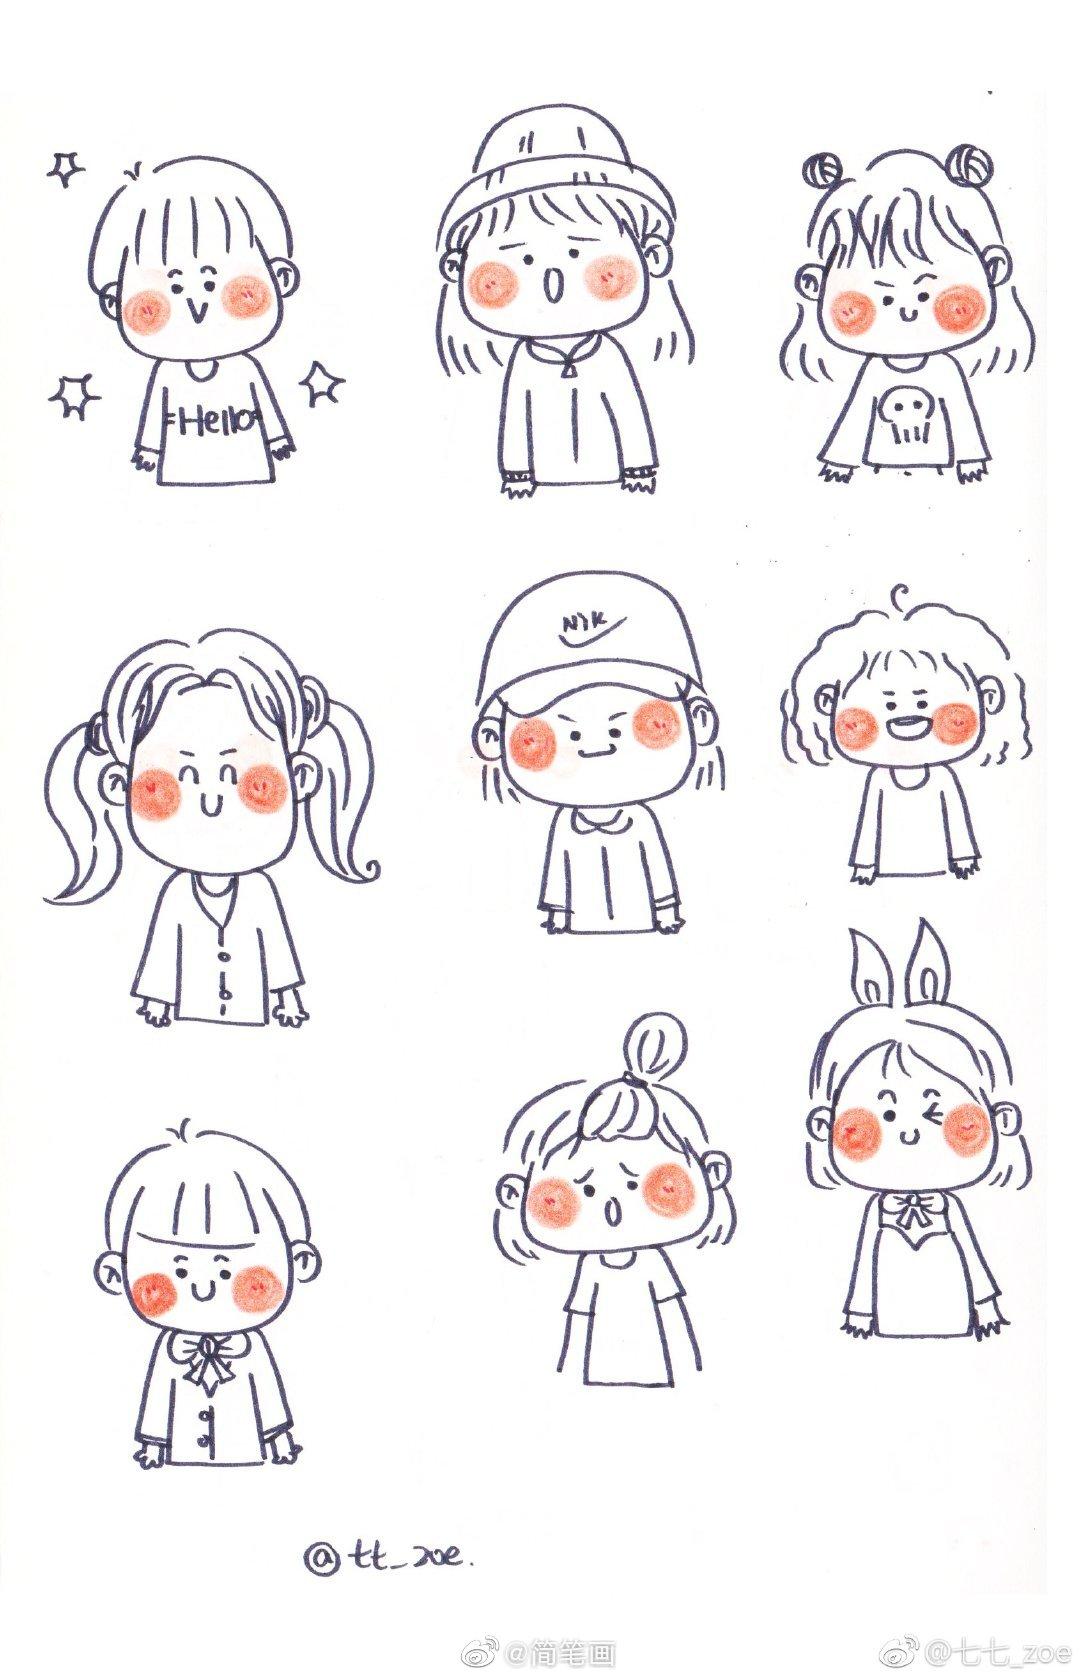 可爱的简笔画半身人物~ (作者:七七_zoe )图片